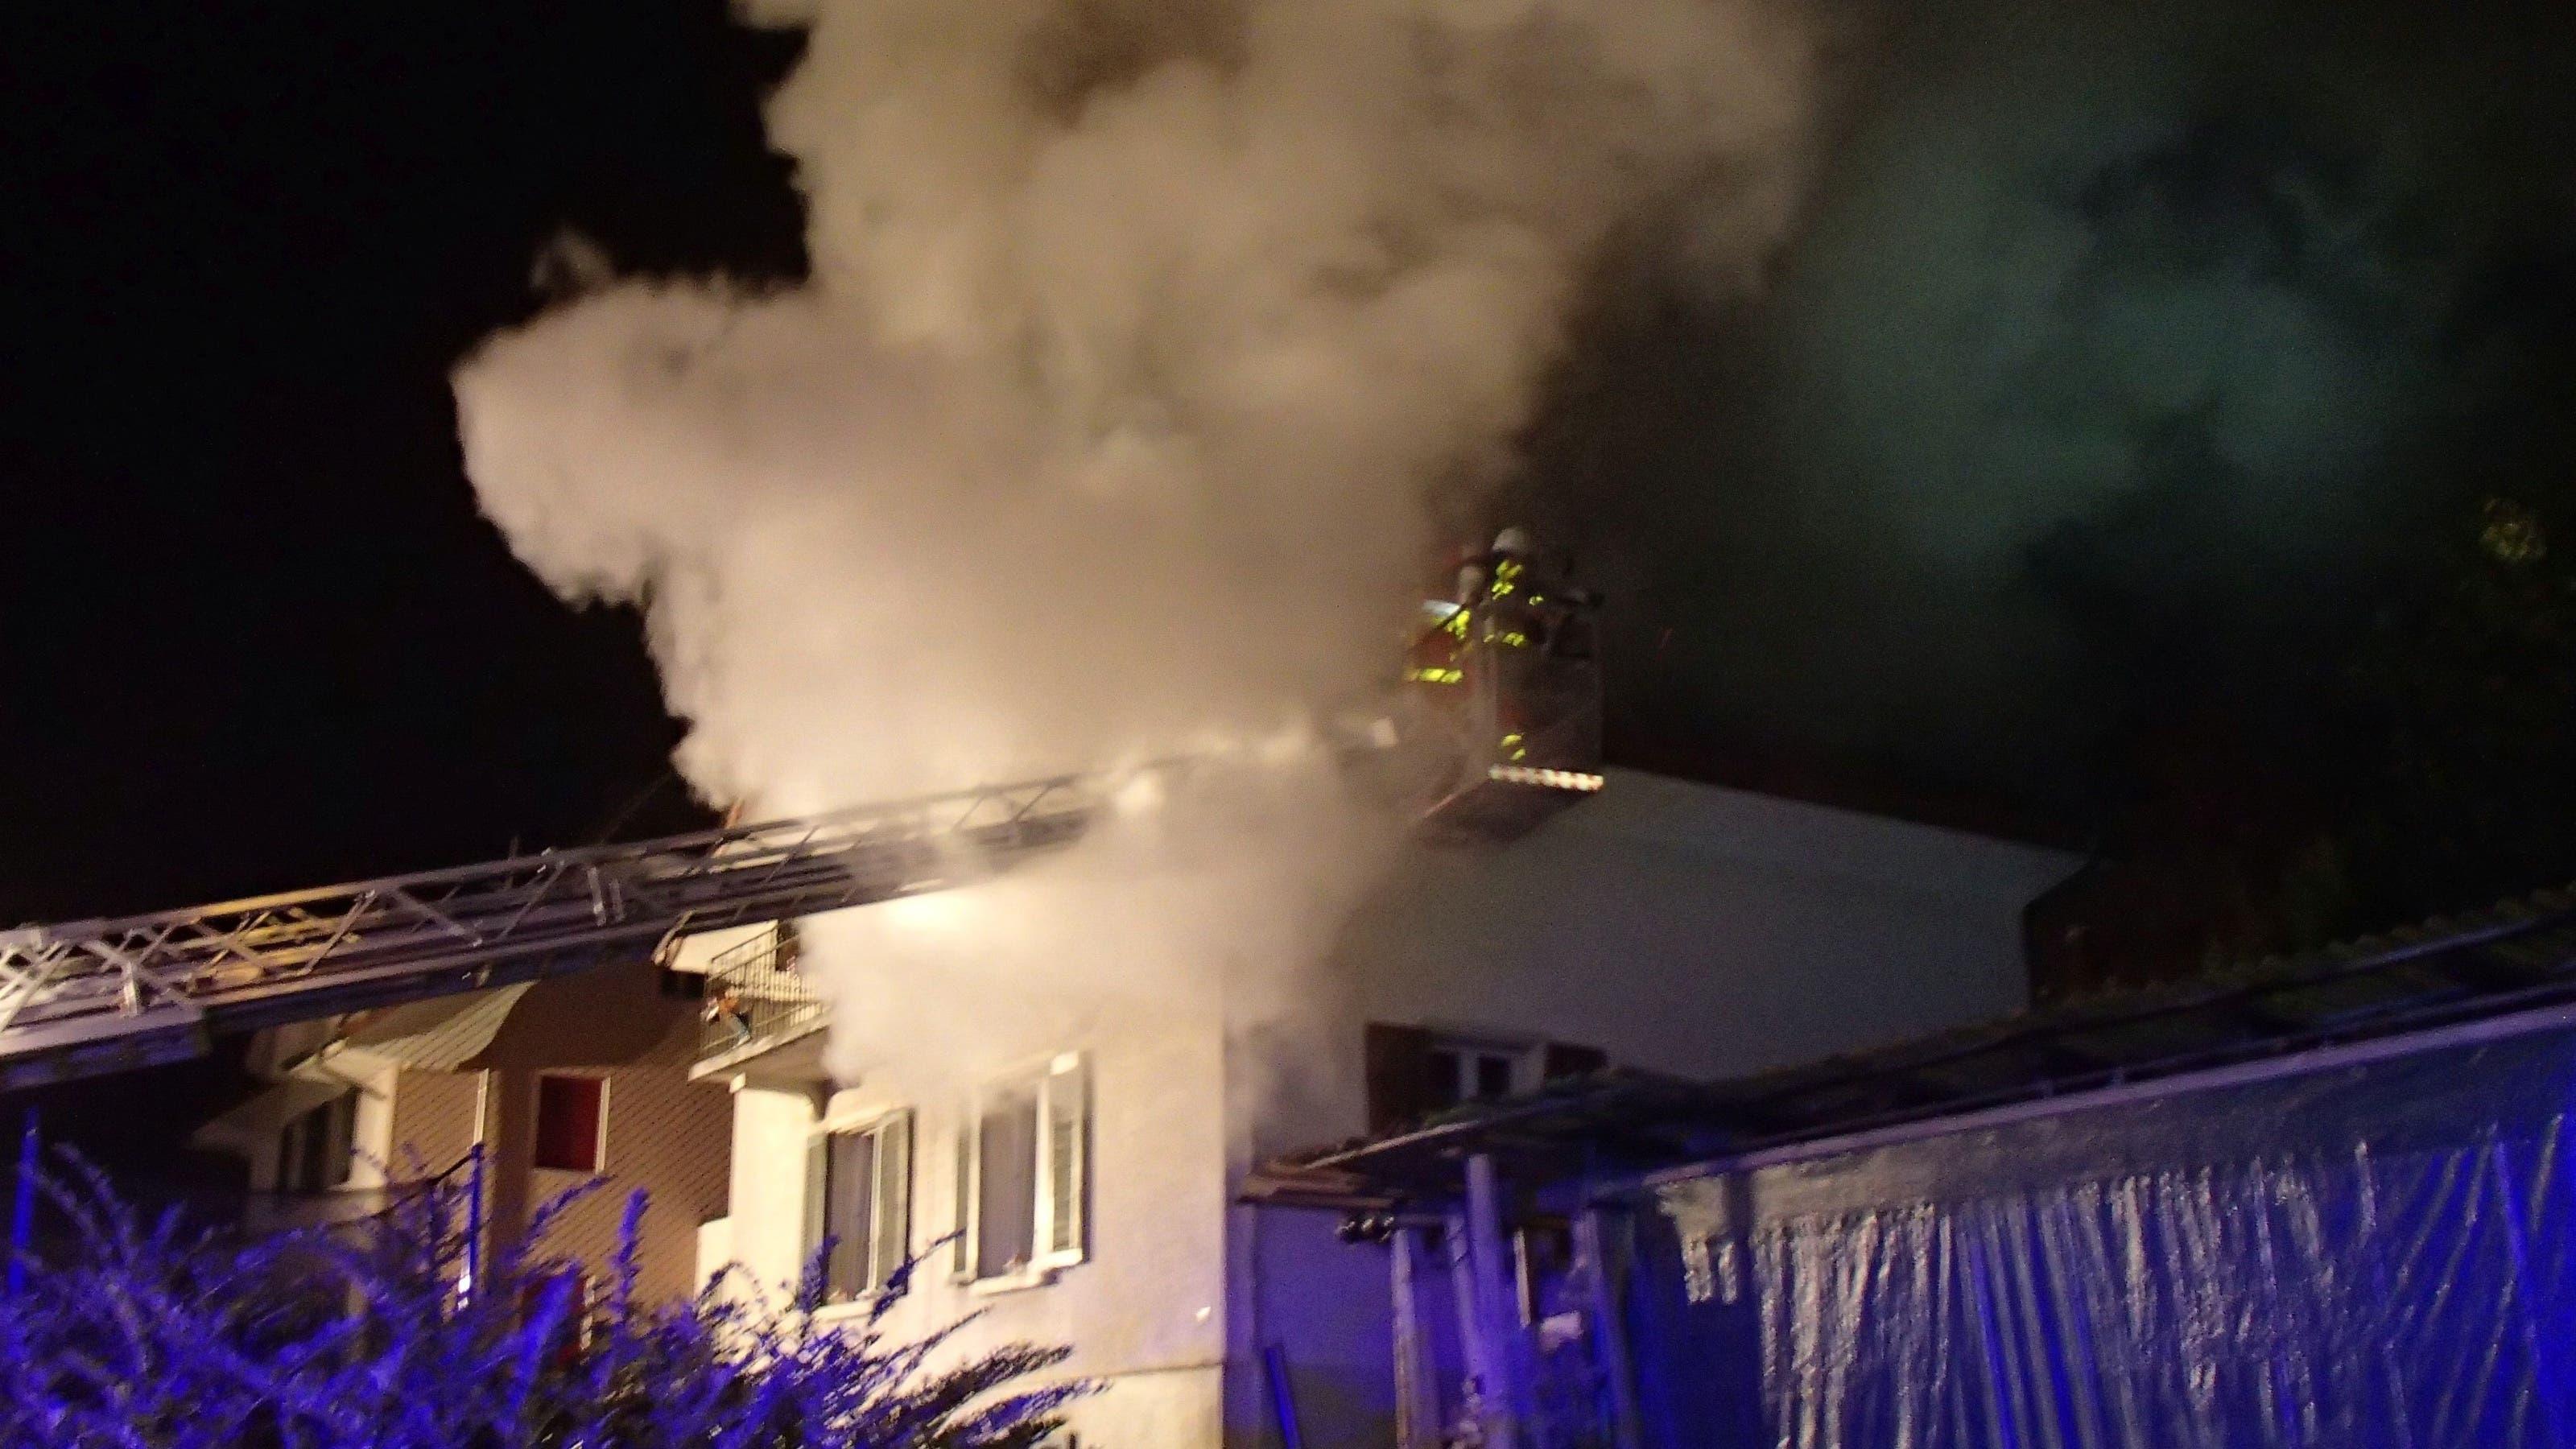 Die 30-jährige Mutter wurde verdächtigt, den Brand gelegt zu haben.